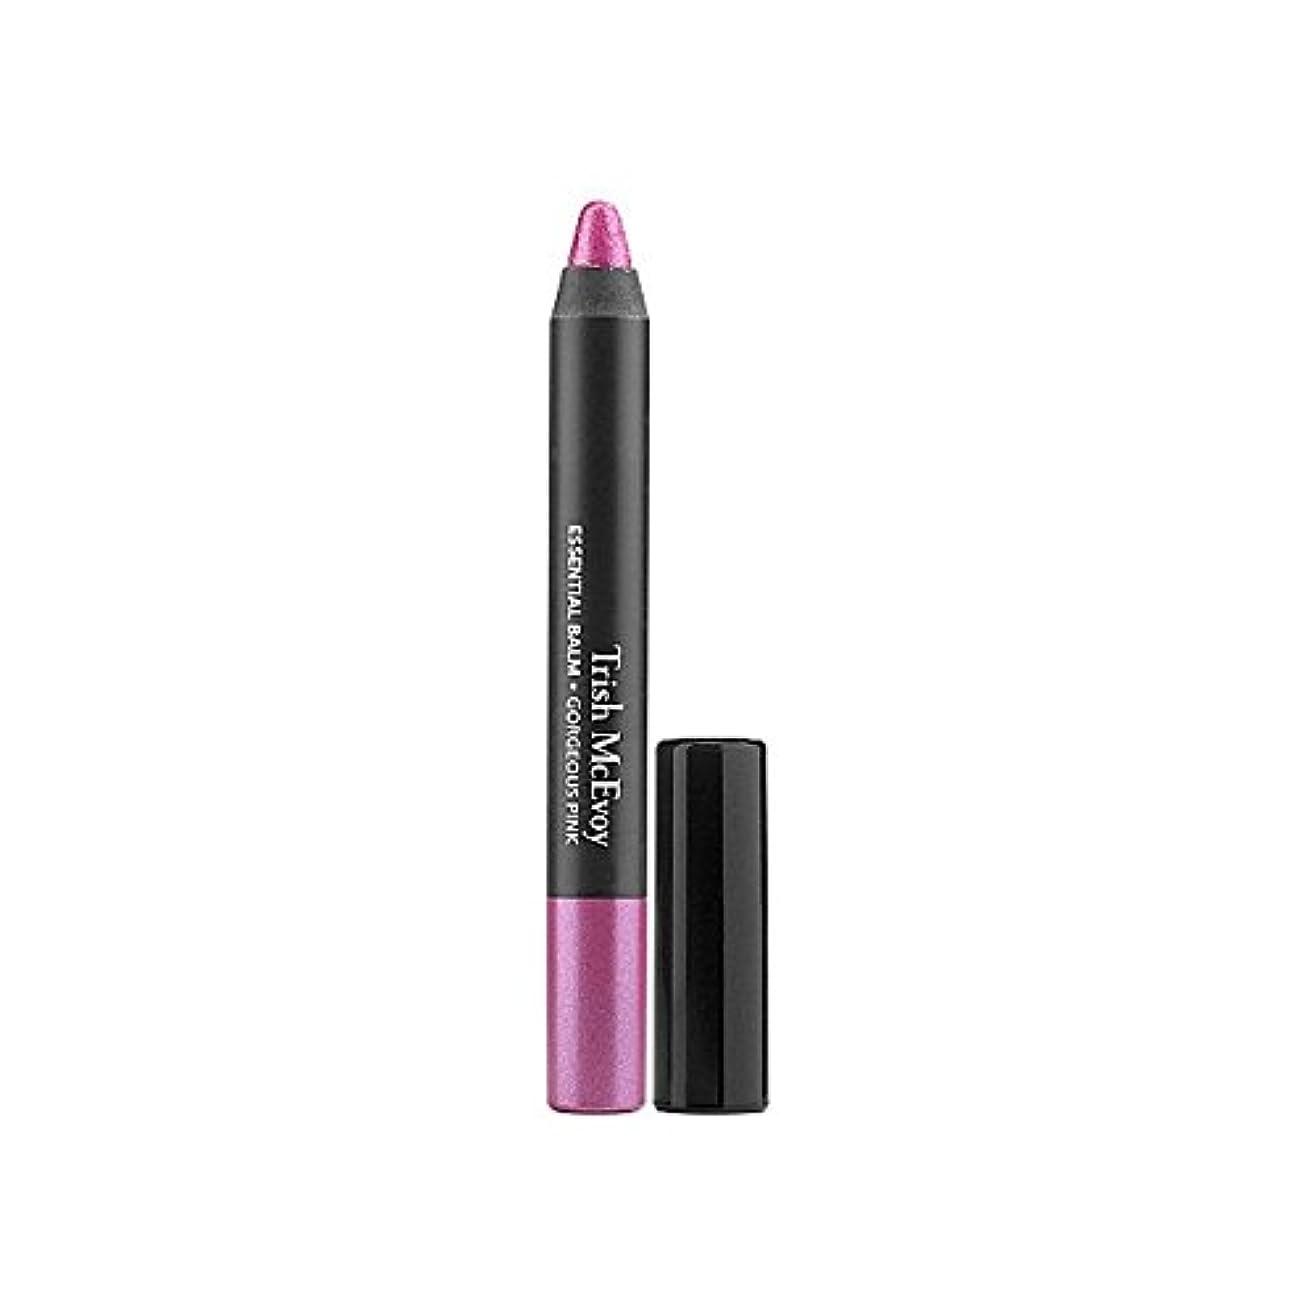 内側協力するコールトリッシュ?マクエボイ不可欠バーム - 華やかなピンク x2 - Trish Mcevoy Essential Balm - Gorgeous Pink (Pack of 2) [並行輸入品]